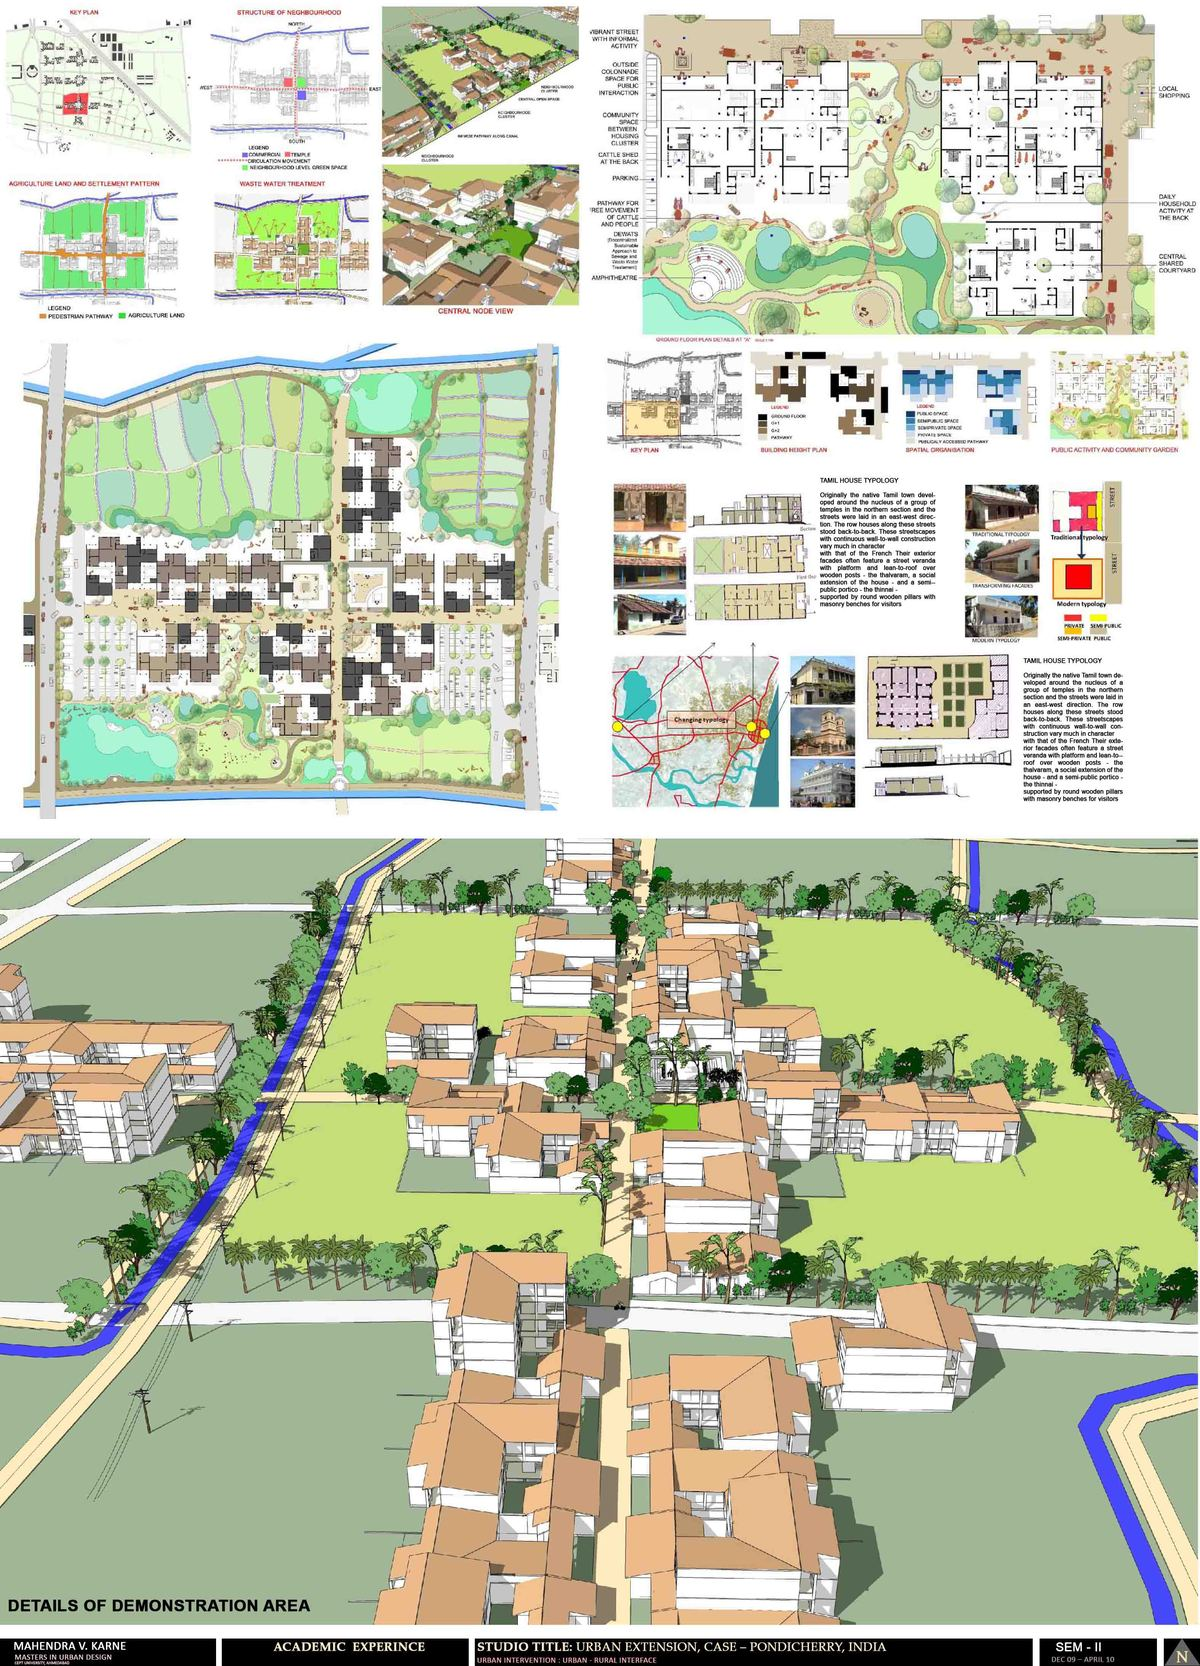 Academic experience-Pondicherry City (India) 2/2